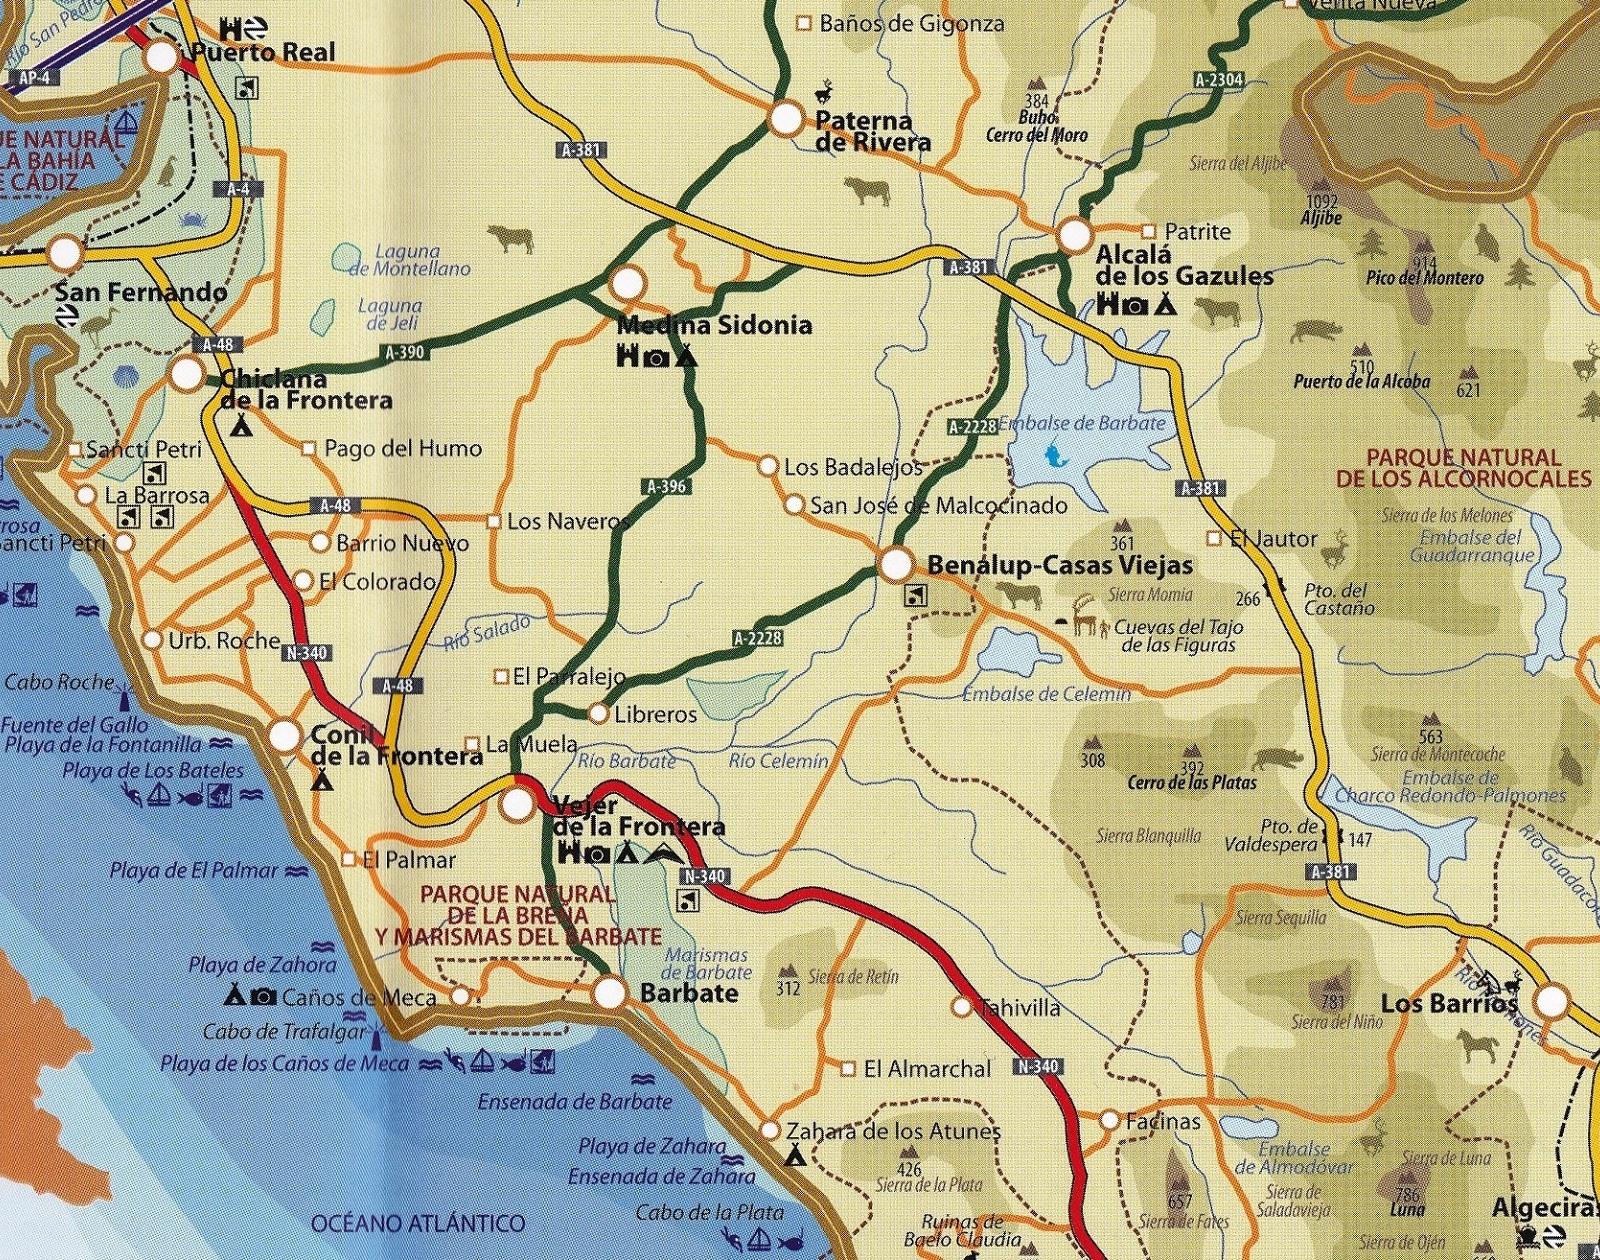 La Janda - mapa